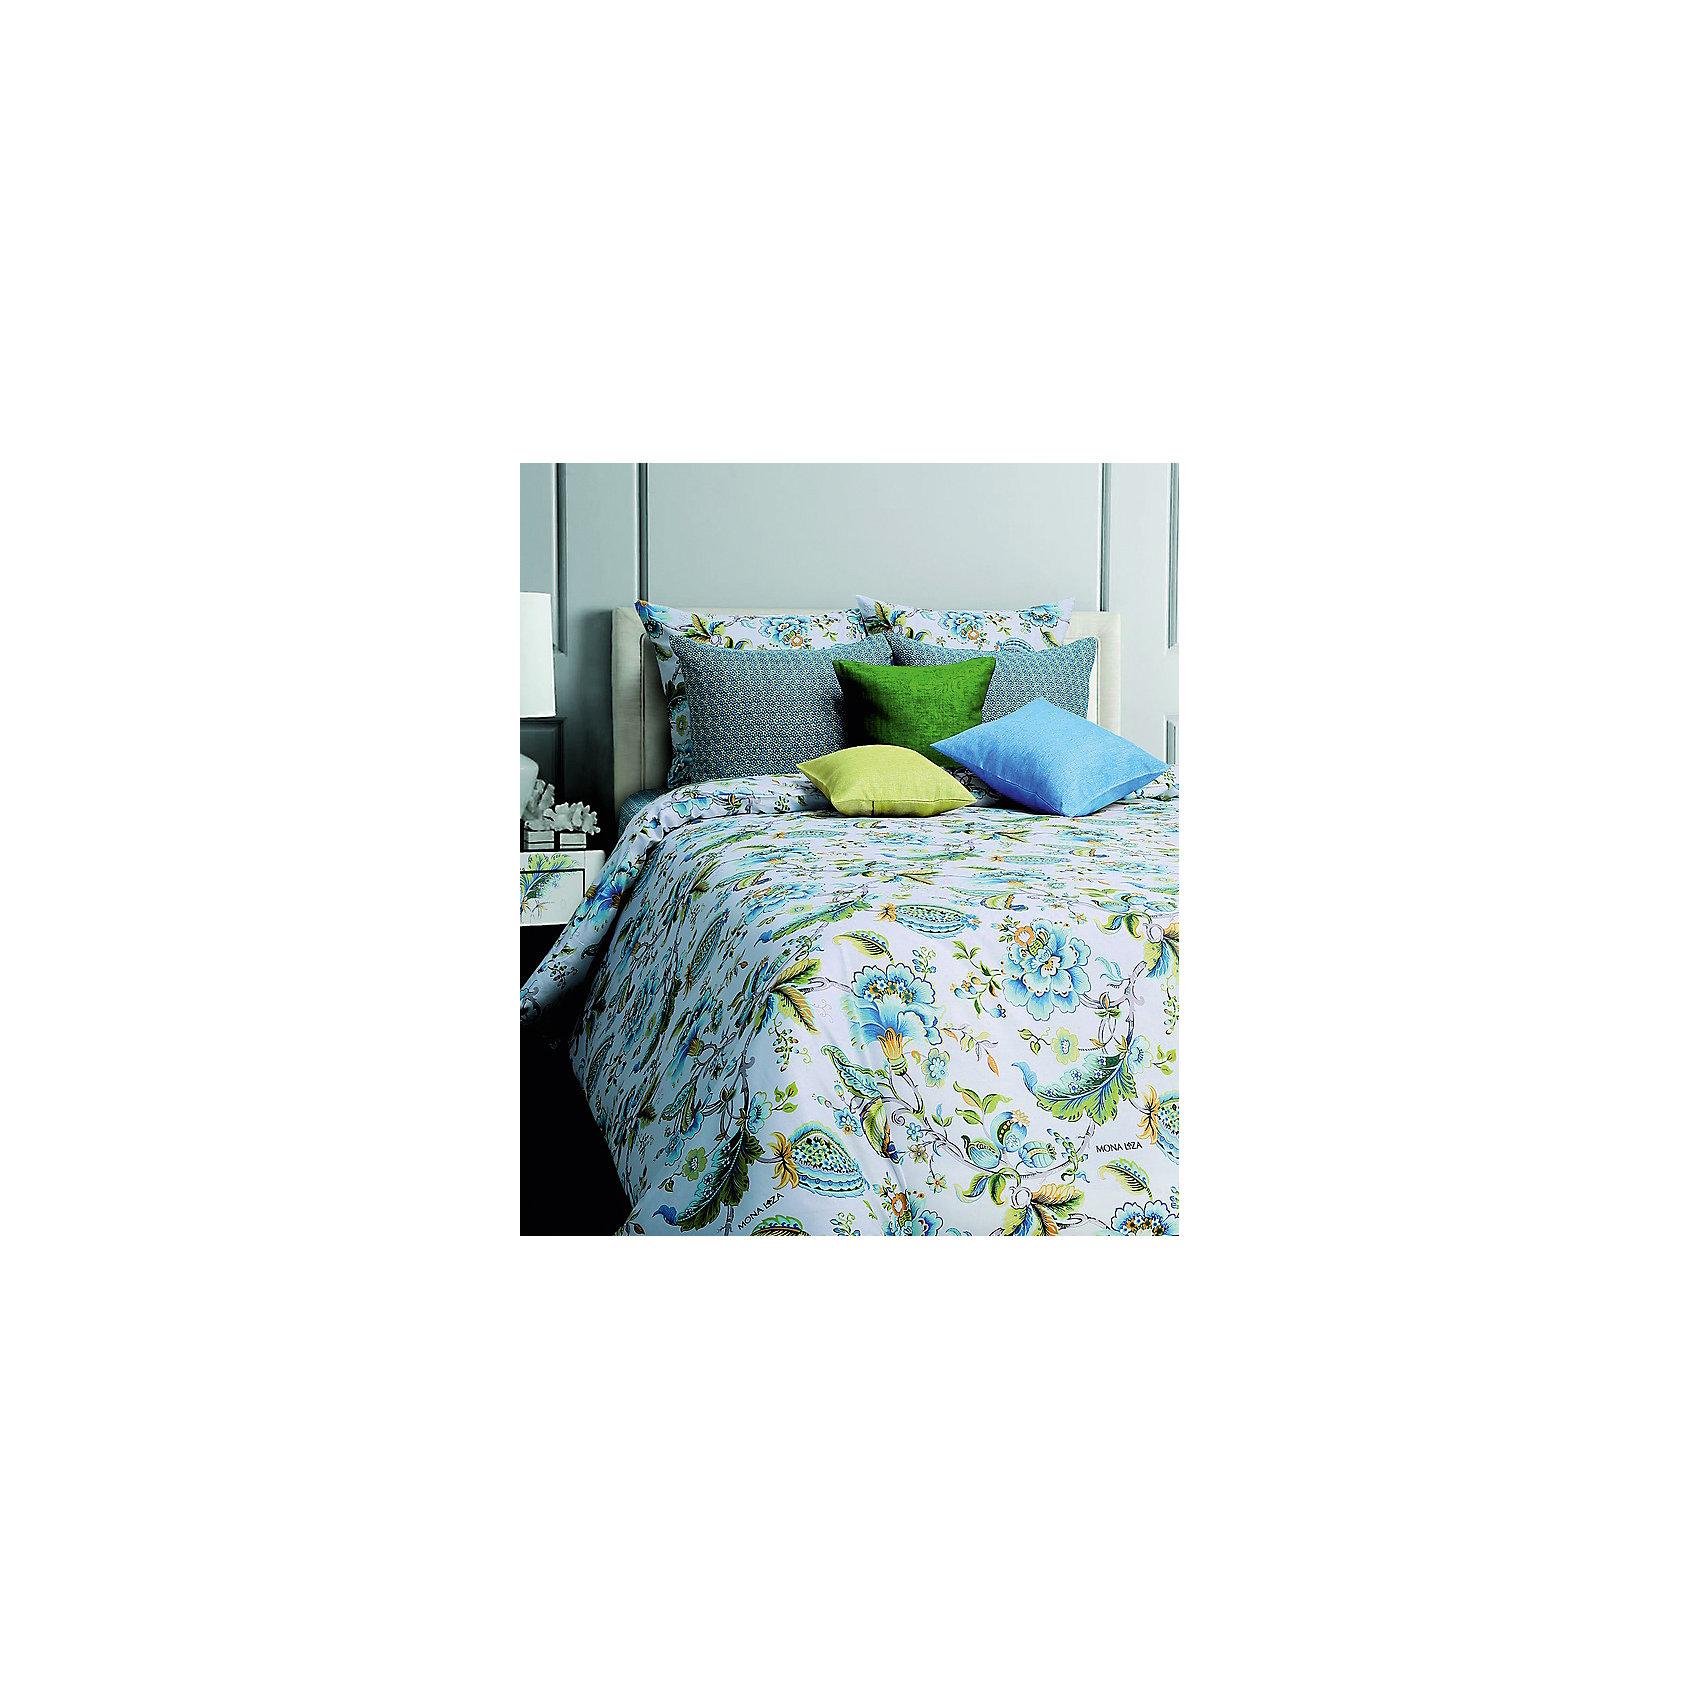 Постельное белье Евро Nensy  50*70, Mona LizaХарактеристики:<br><br>• Вид домашнего текстиля: постельное белье<br>• Тип постельного белья по размерам: Евро<br>• Серия: Mona Liza Classic<br>• Сезон: круглый год<br>• Материал: бязь <br>• Цвет: синий, белый, голубой, желтый, зеленый<br>• Комплектация: <br> пододеяльник на пуговицах– 1 шт. 200*220 см <br> простынь – 1 шт. 215*240 см<br> наволочки – 2 шт. (50*70 см)<br>• Тип упаковки: книжка <br>• Вес в упаковке: 2 кг 300 г<br>• Особенности ухода: машинная стирка при температуре 30 градусов<br><br>Постельное белье Евро Nensy 50*70, Mona Liza изготовлено под отечественным торговым брендом, выпускающим постельное белье из натуральных тканей. Комплект выполнен из 100 % бязи, отличающейся высокими характеристиками не только прочности самого полотна, но и устойчивости окраски, которая выполняется по особой технологии. Комплектсостоит из 4-х предметов. Постельное белье выполнено в стильном дизайне с нежным цветочным рисунком. <br>Постельное белье Евро Nensy 50*70, Mona Liza – домашний текстиль, соответствующий международным стандартам качества и безопасности!<br><br>Постельное белье Евро Nensy 50*70, Mona Liza можно купить в нашем интернет-магазине.<br><br>Ширина мм: 290<br>Глубина мм: 90<br>Высота мм: 370<br>Вес г: 2500<br>Возраст от месяцев: 84<br>Возраст до месяцев: 1188<br>Пол: Женский<br>Возраст: Детский<br>SKU: 5165680